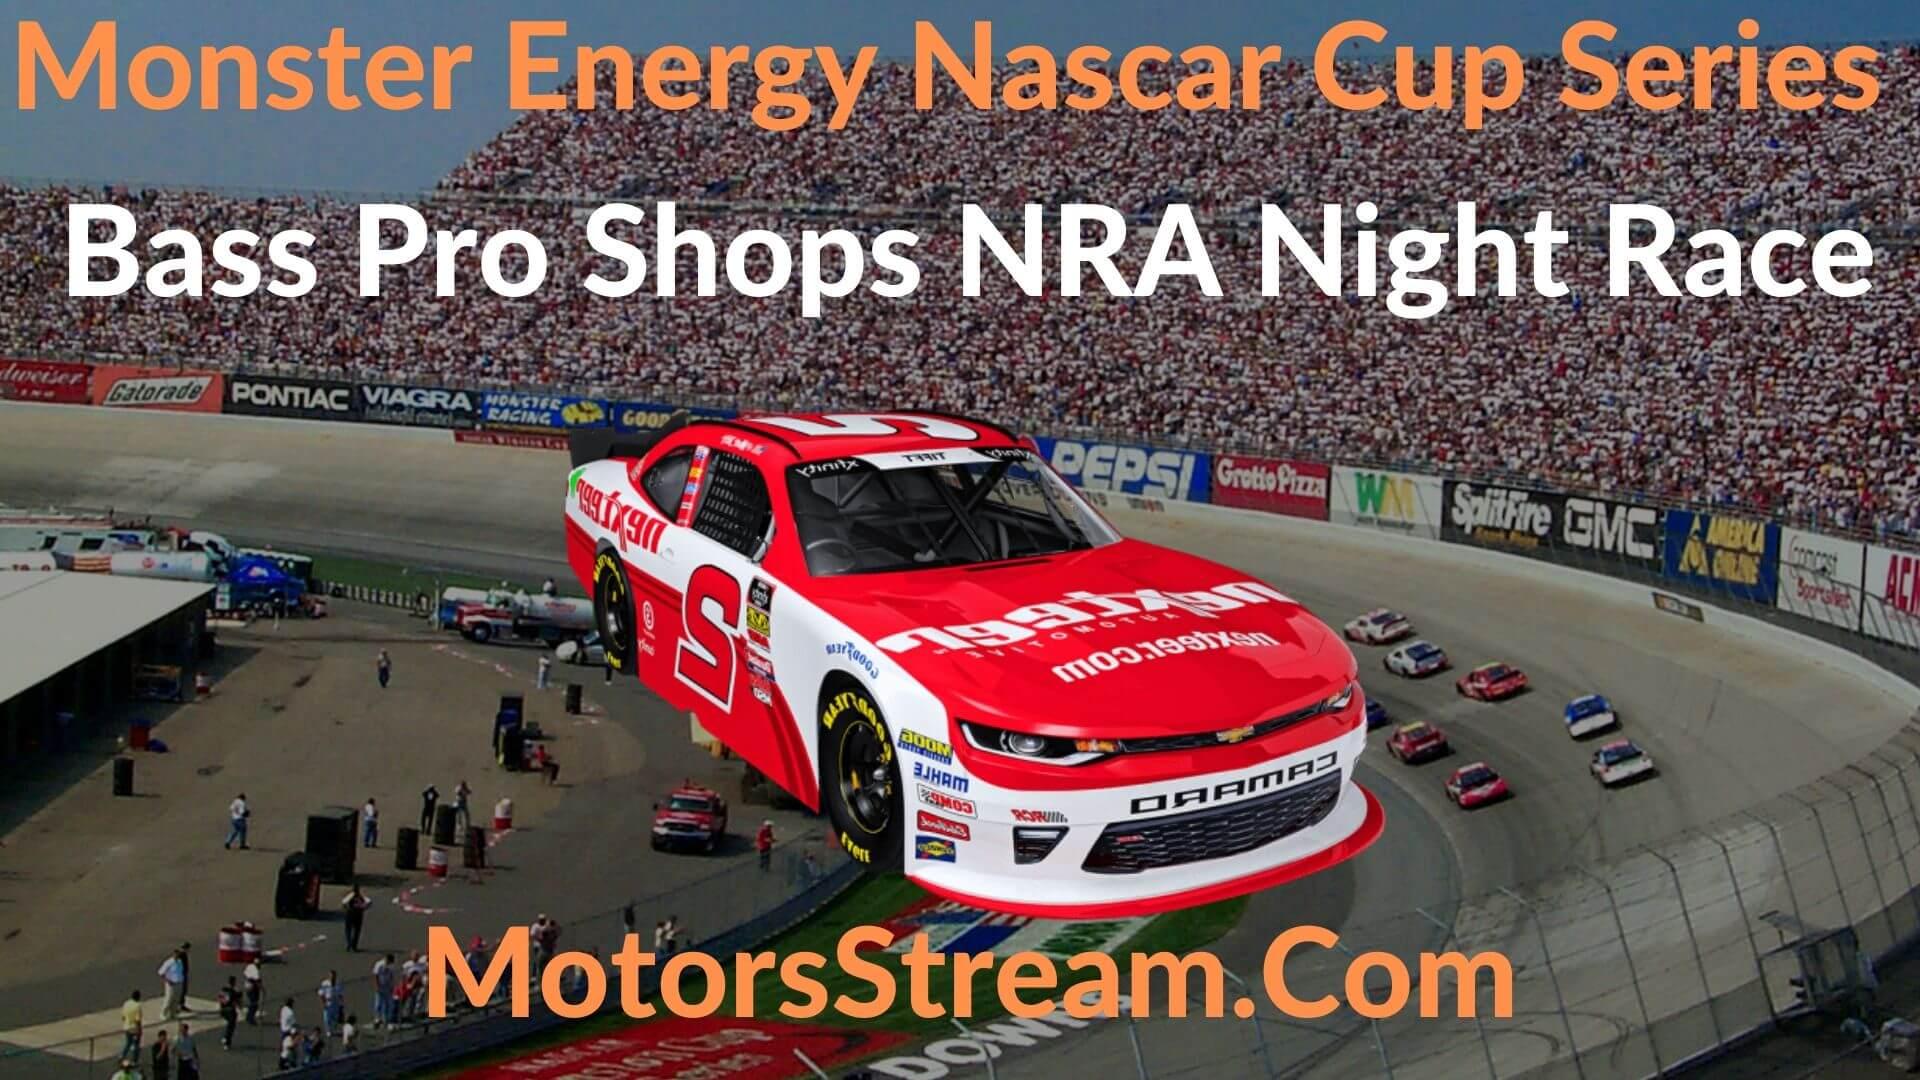 Bass Pro Shops NRA Night Race Live Stream NASCAR